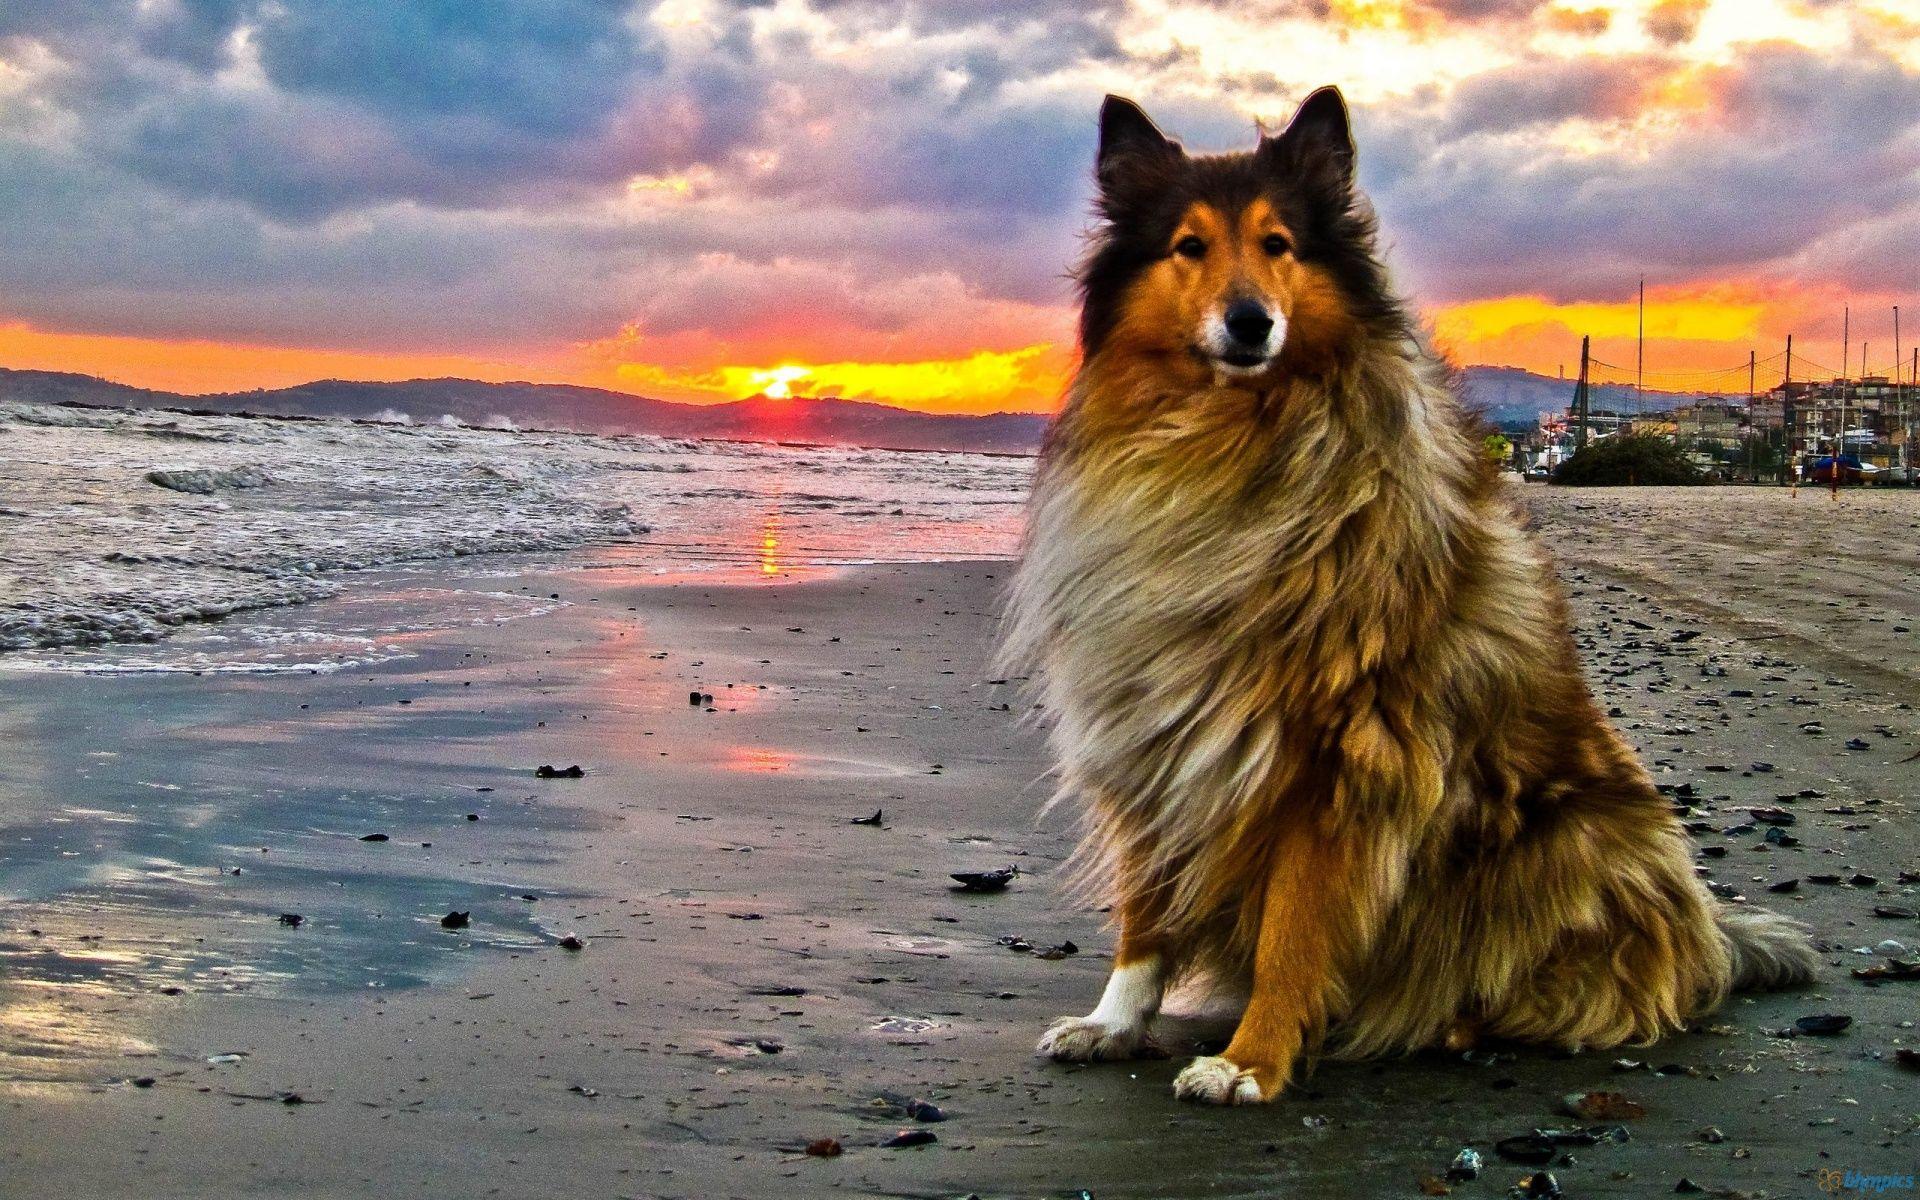 dogs from ireland herdingdogonbeachatsunset2323081